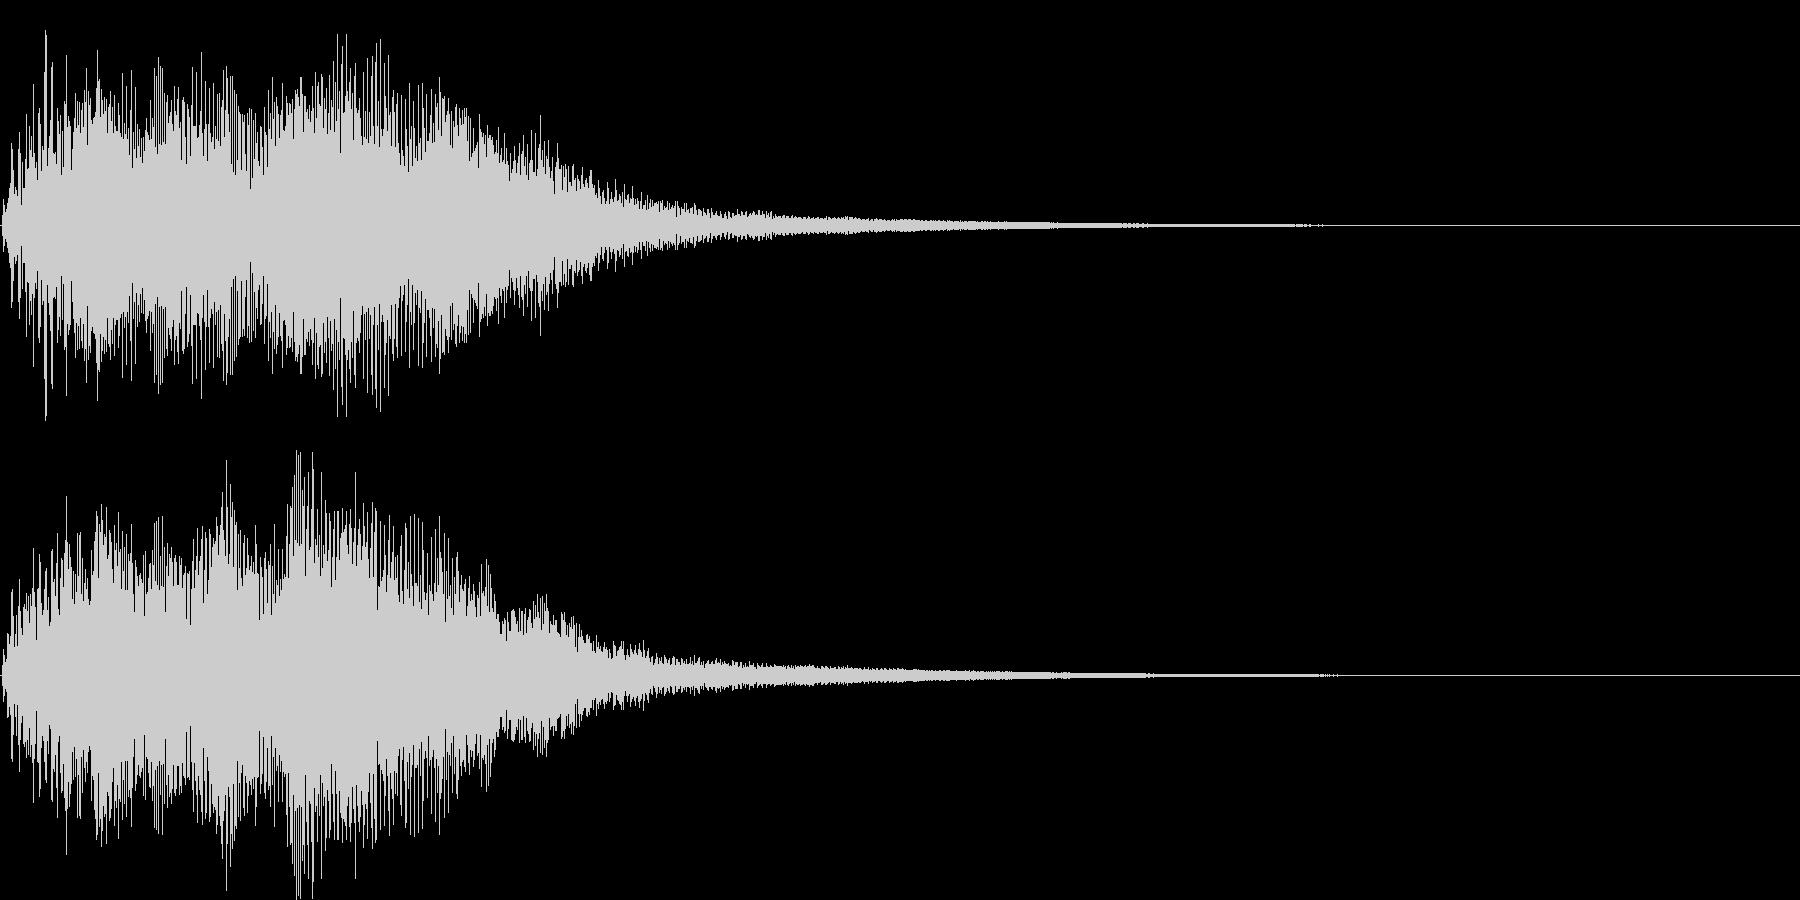 ベンドアップしたCメジャーのリッチな和音の未再生の波形